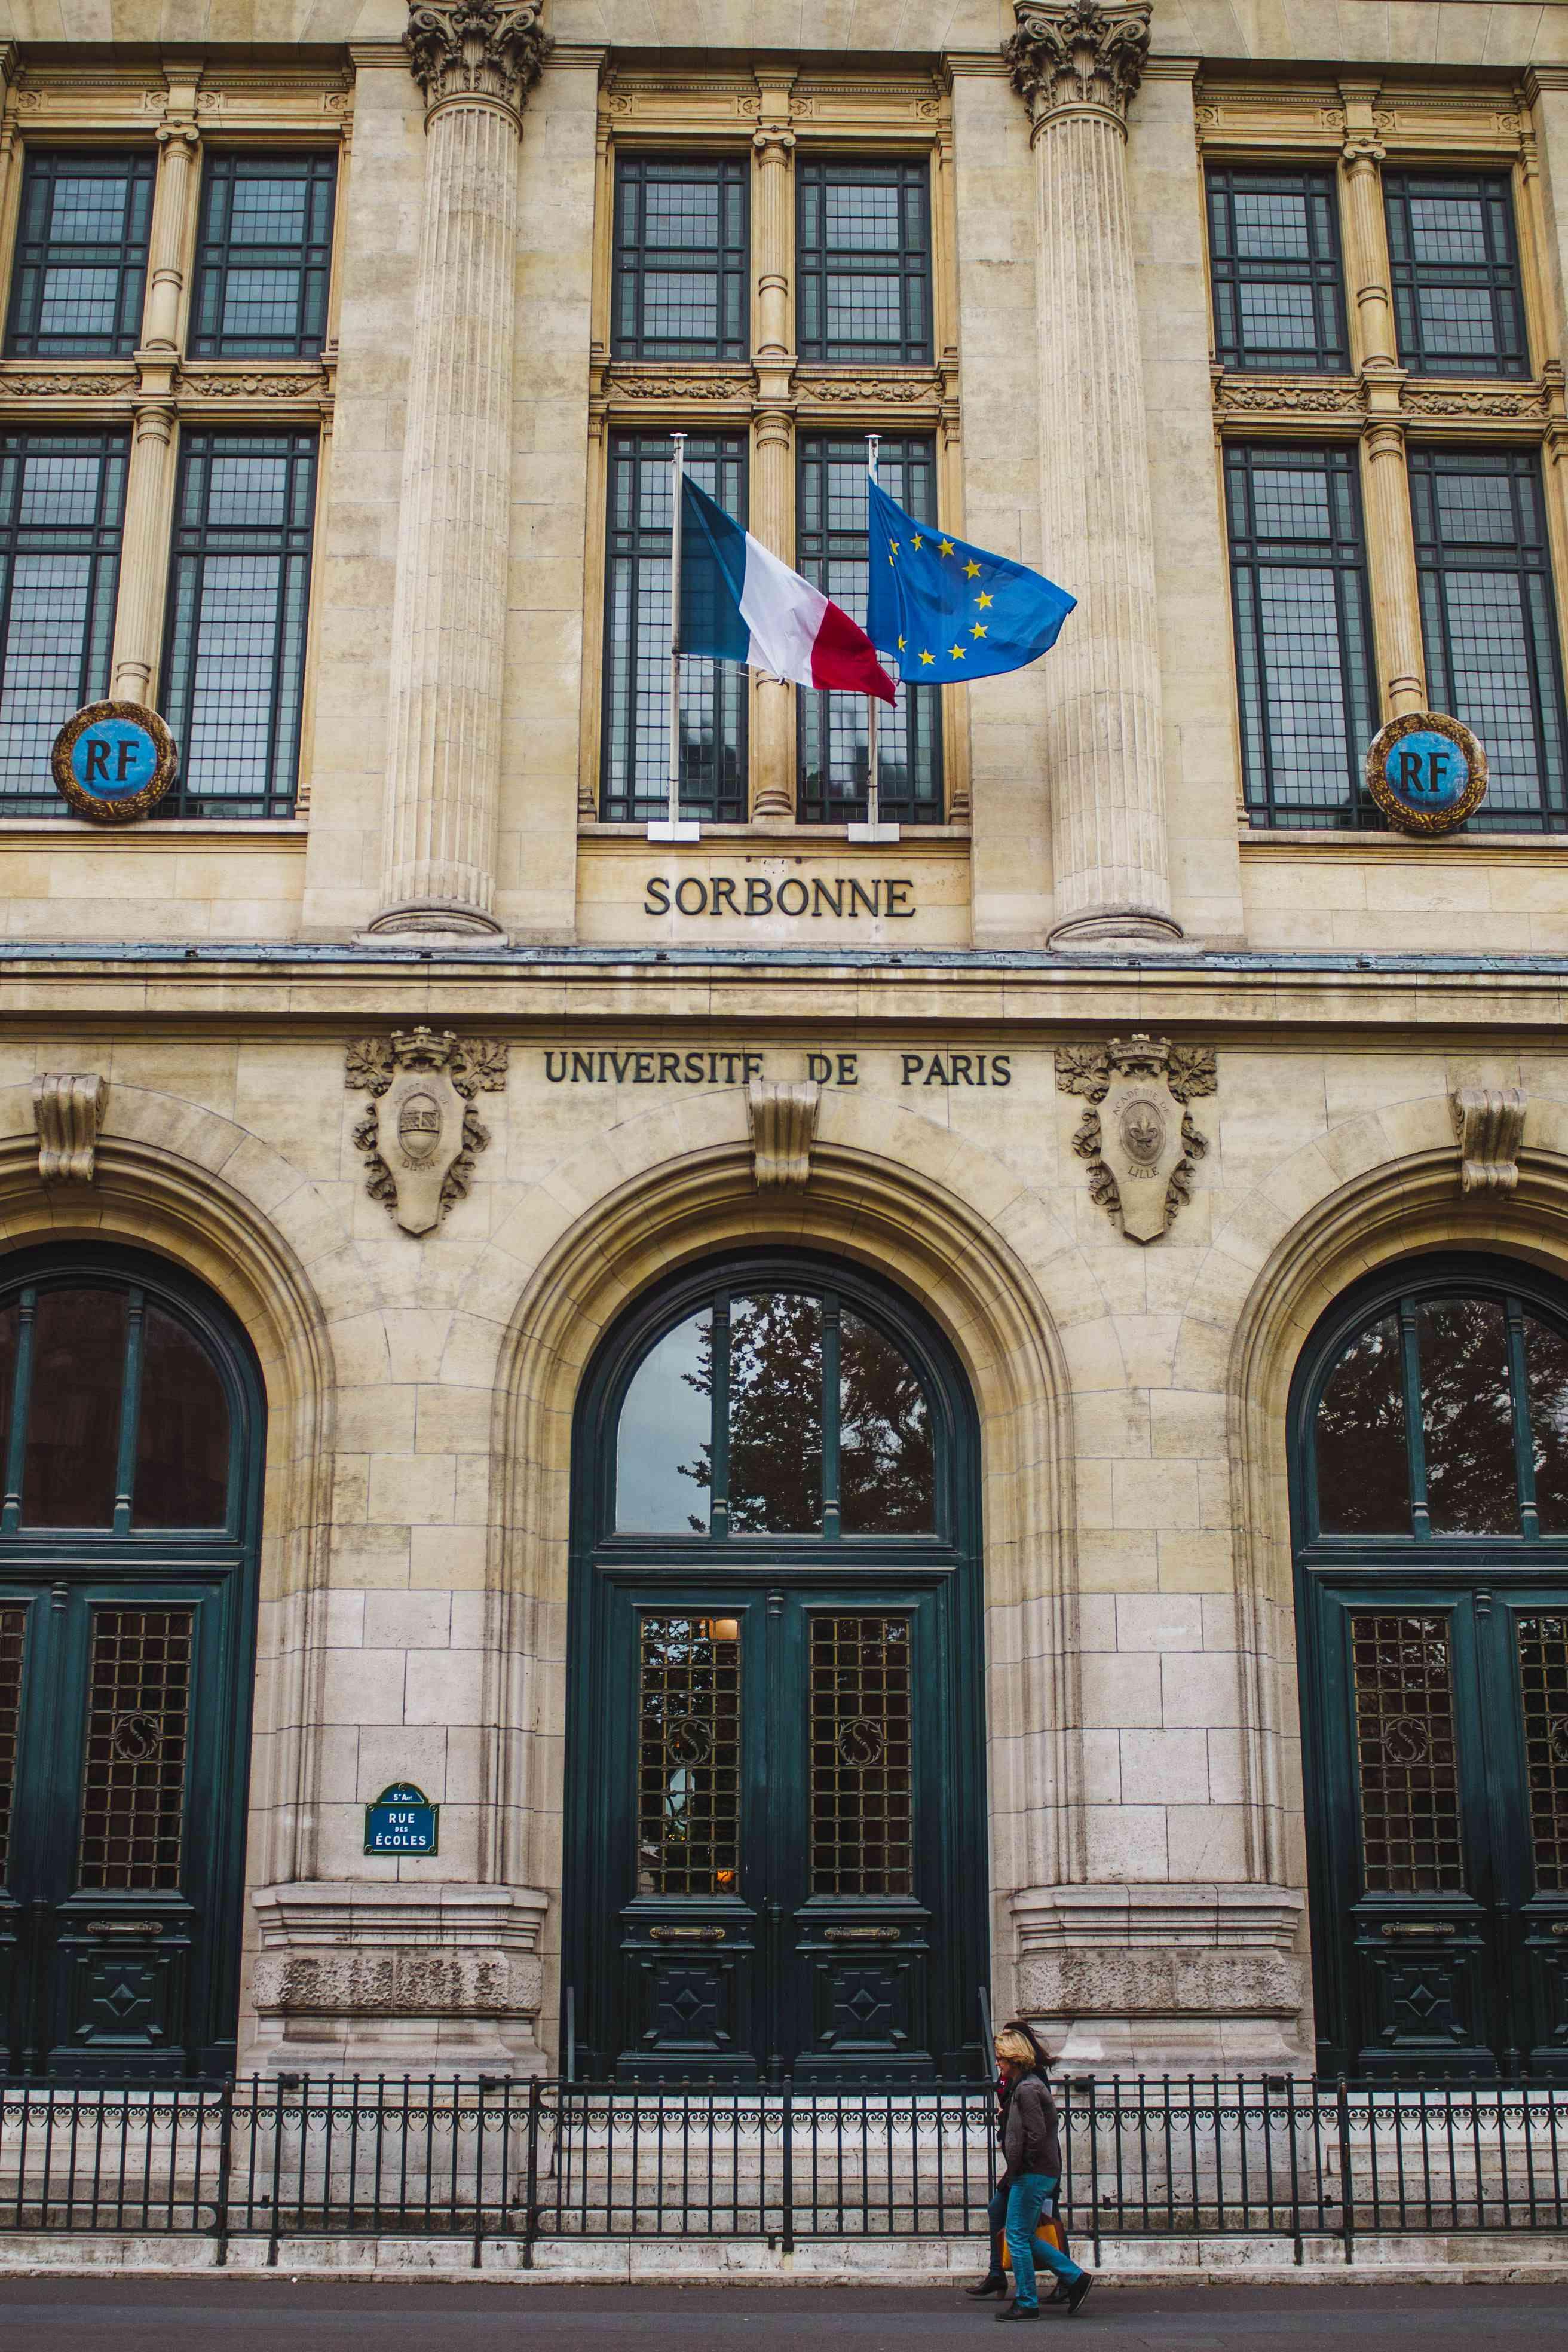 Sorbonne Building